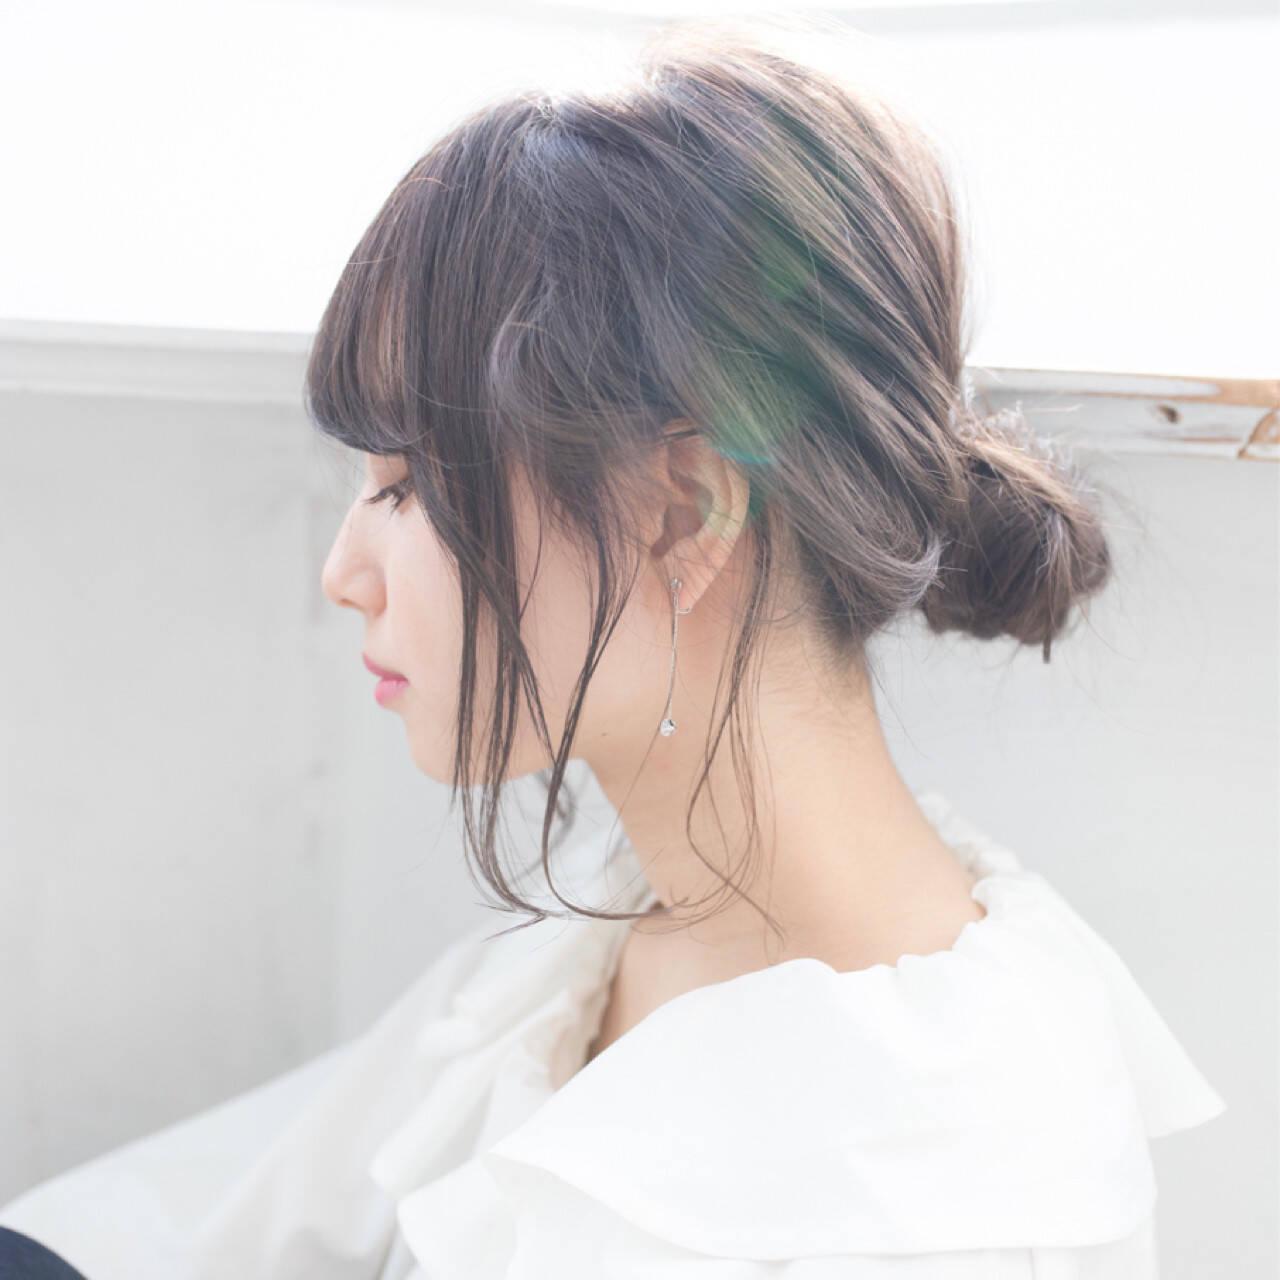 デート 結婚式 ミディアム 簡単ヘアアレンジヘアスタイルや髪型の写真・画像